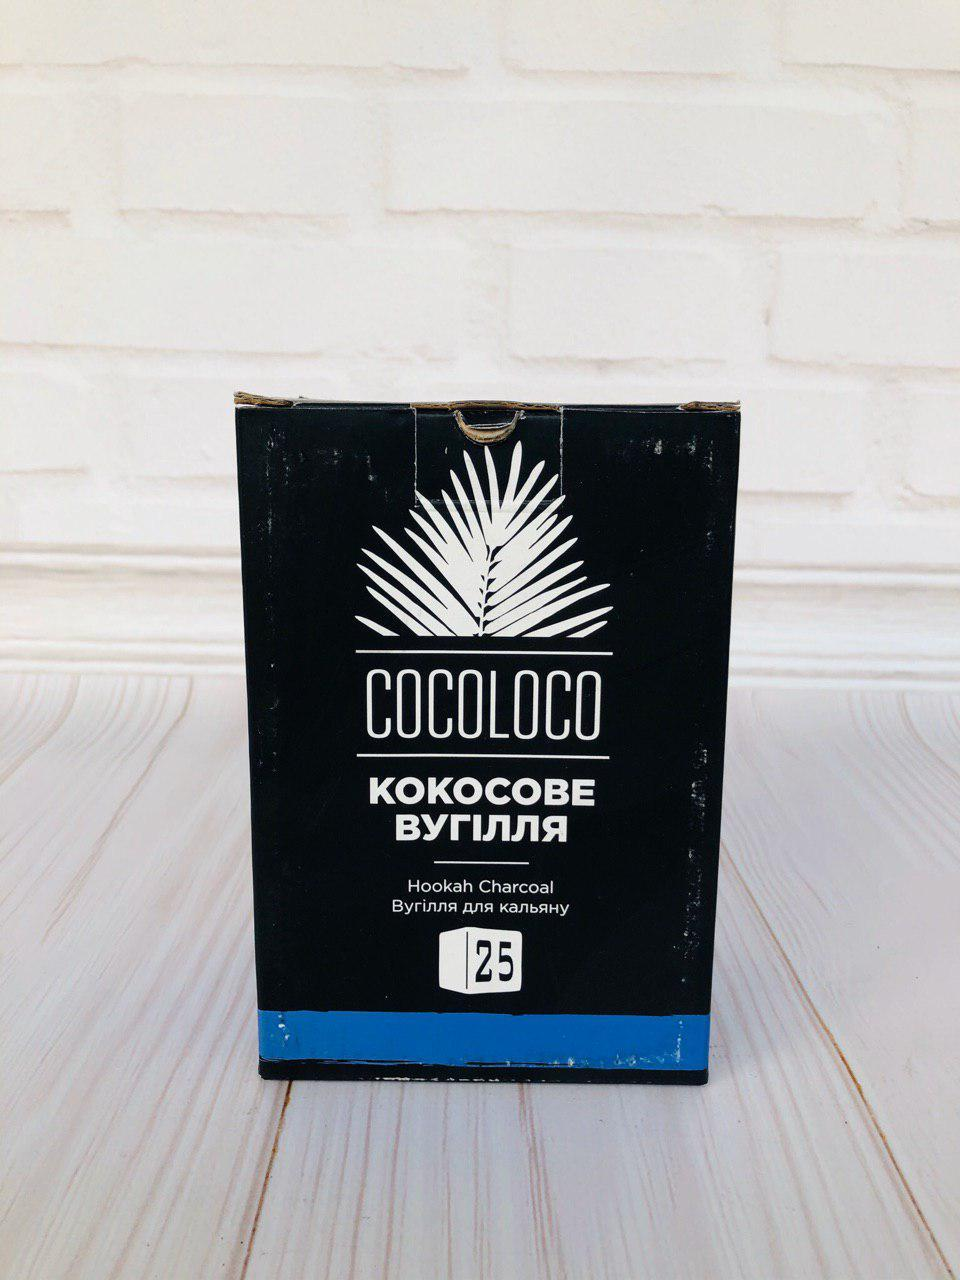 Кокосовый уголь Cocoloco для кальяна (Коколоко Хмара)